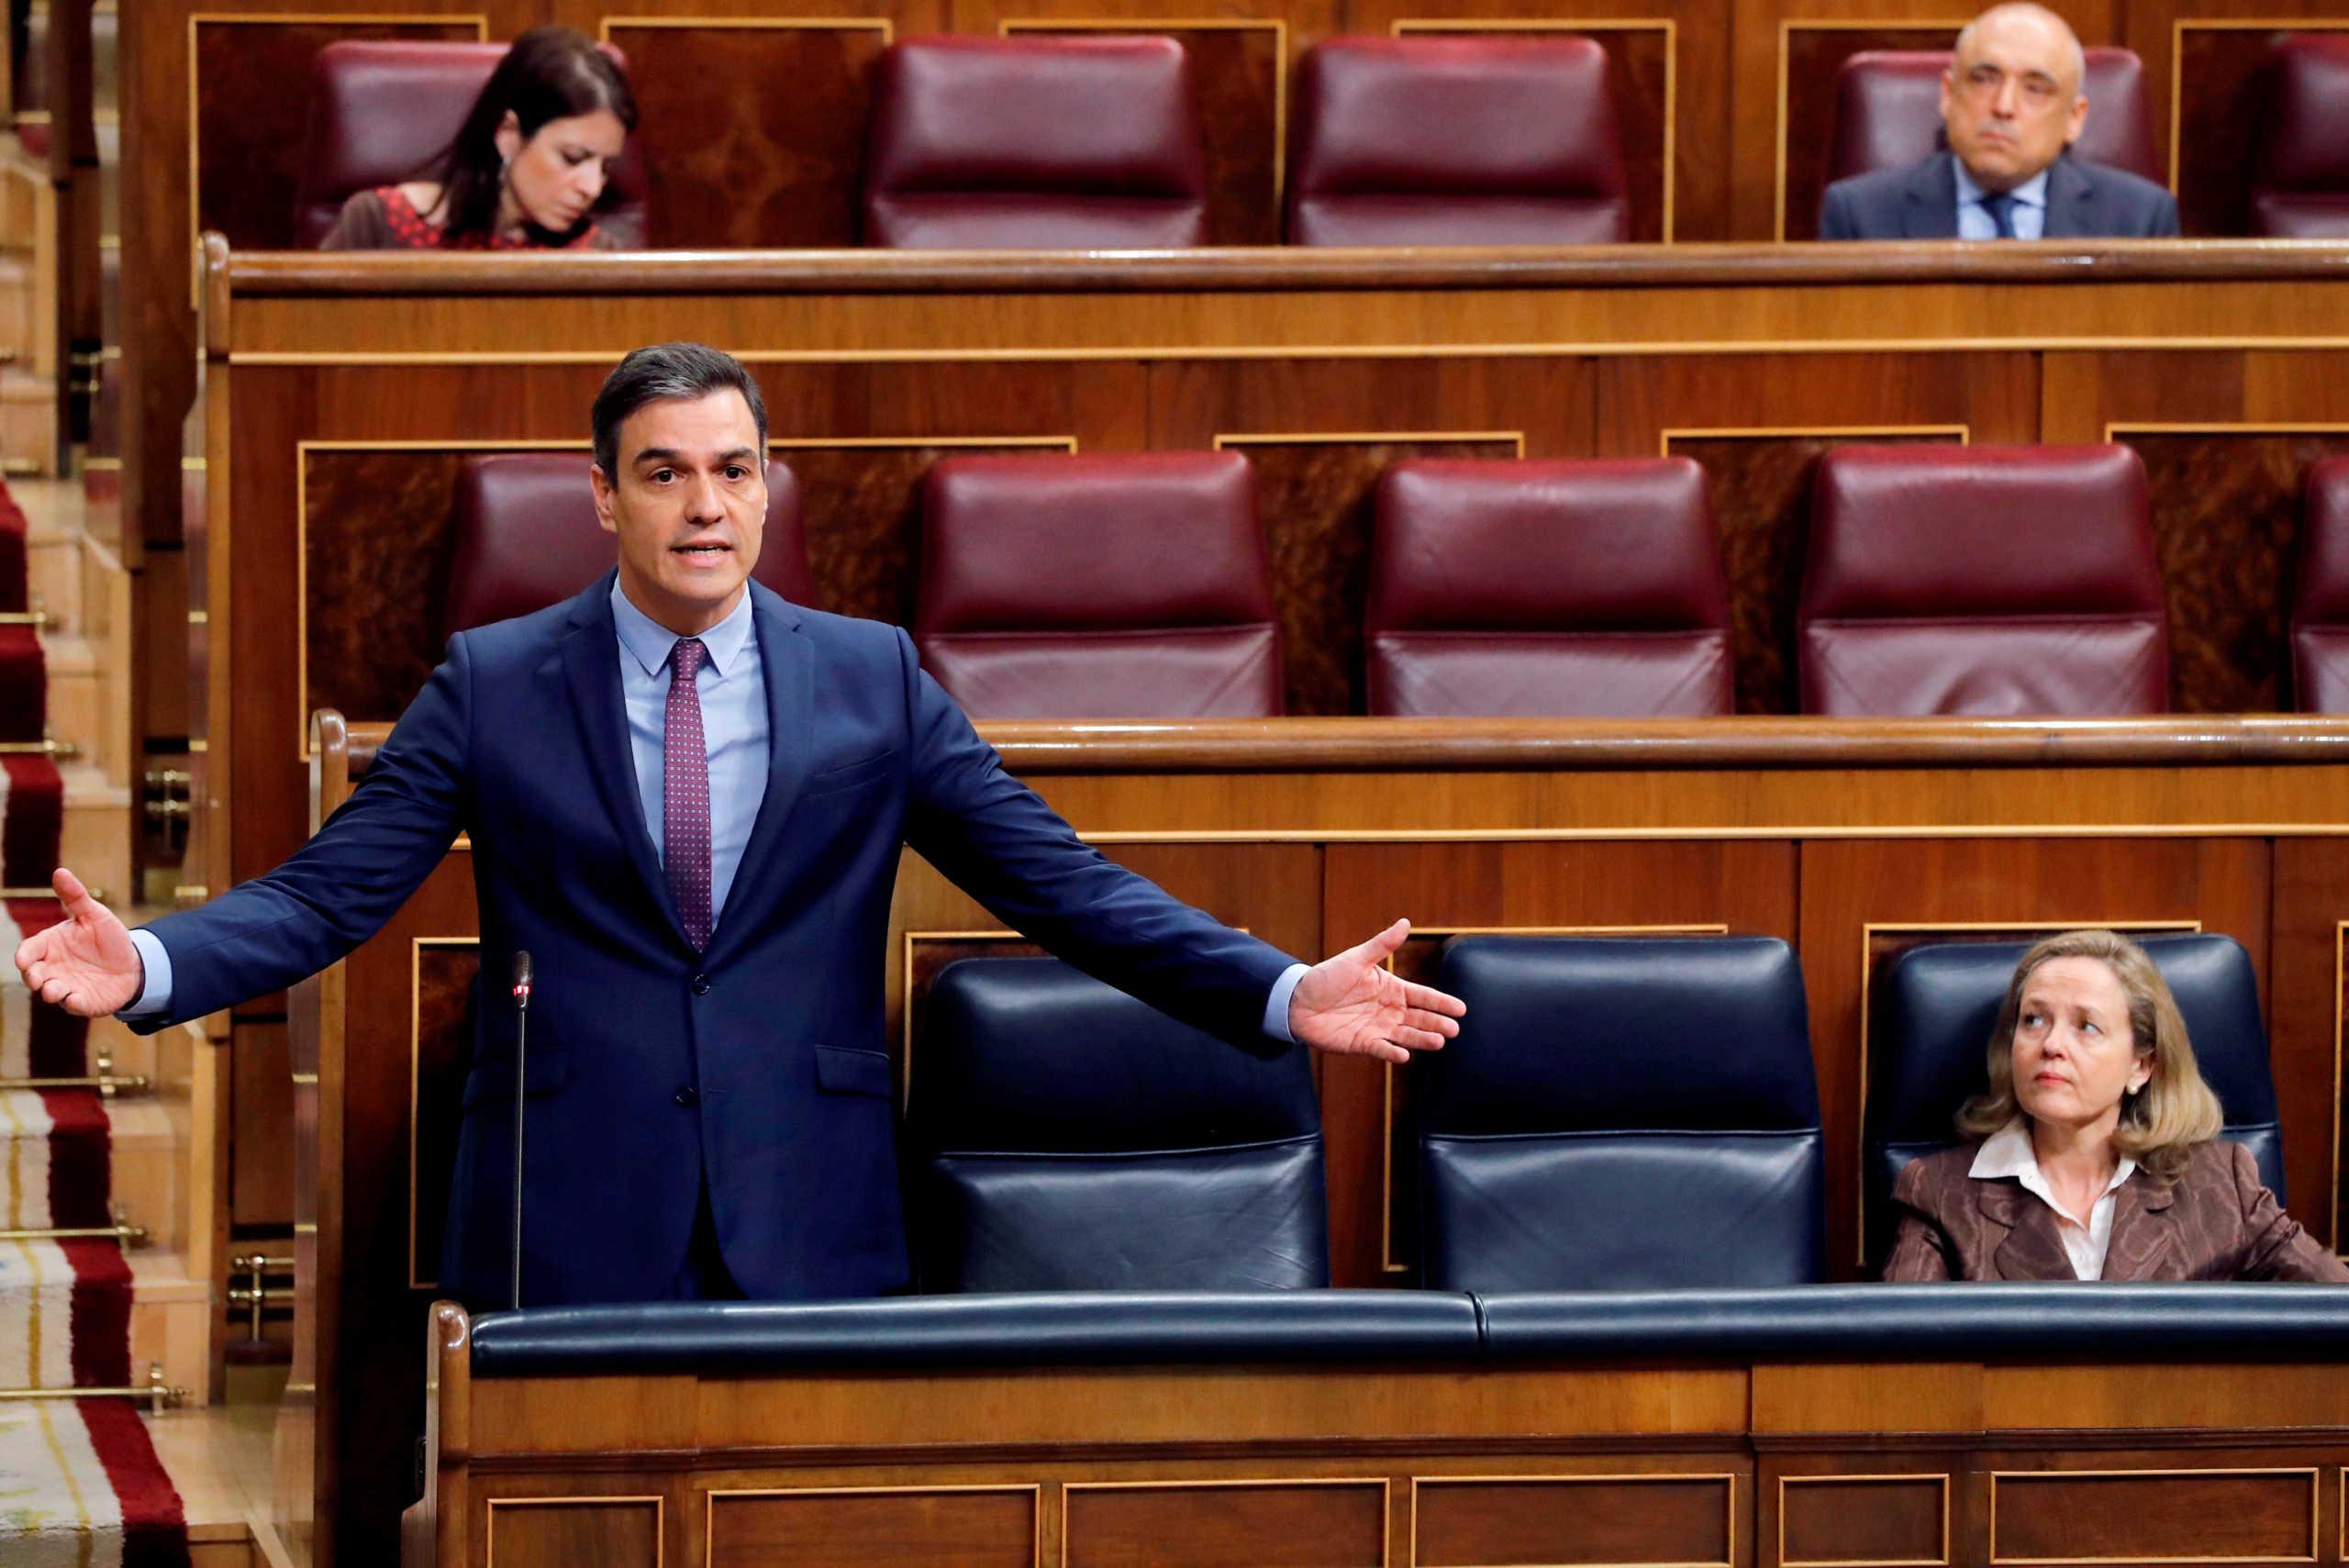 Ισπανία: Παρατείνεται η κατάσταση έκτακτης ανάγκης μέχρι τις 6 Ιουνίου